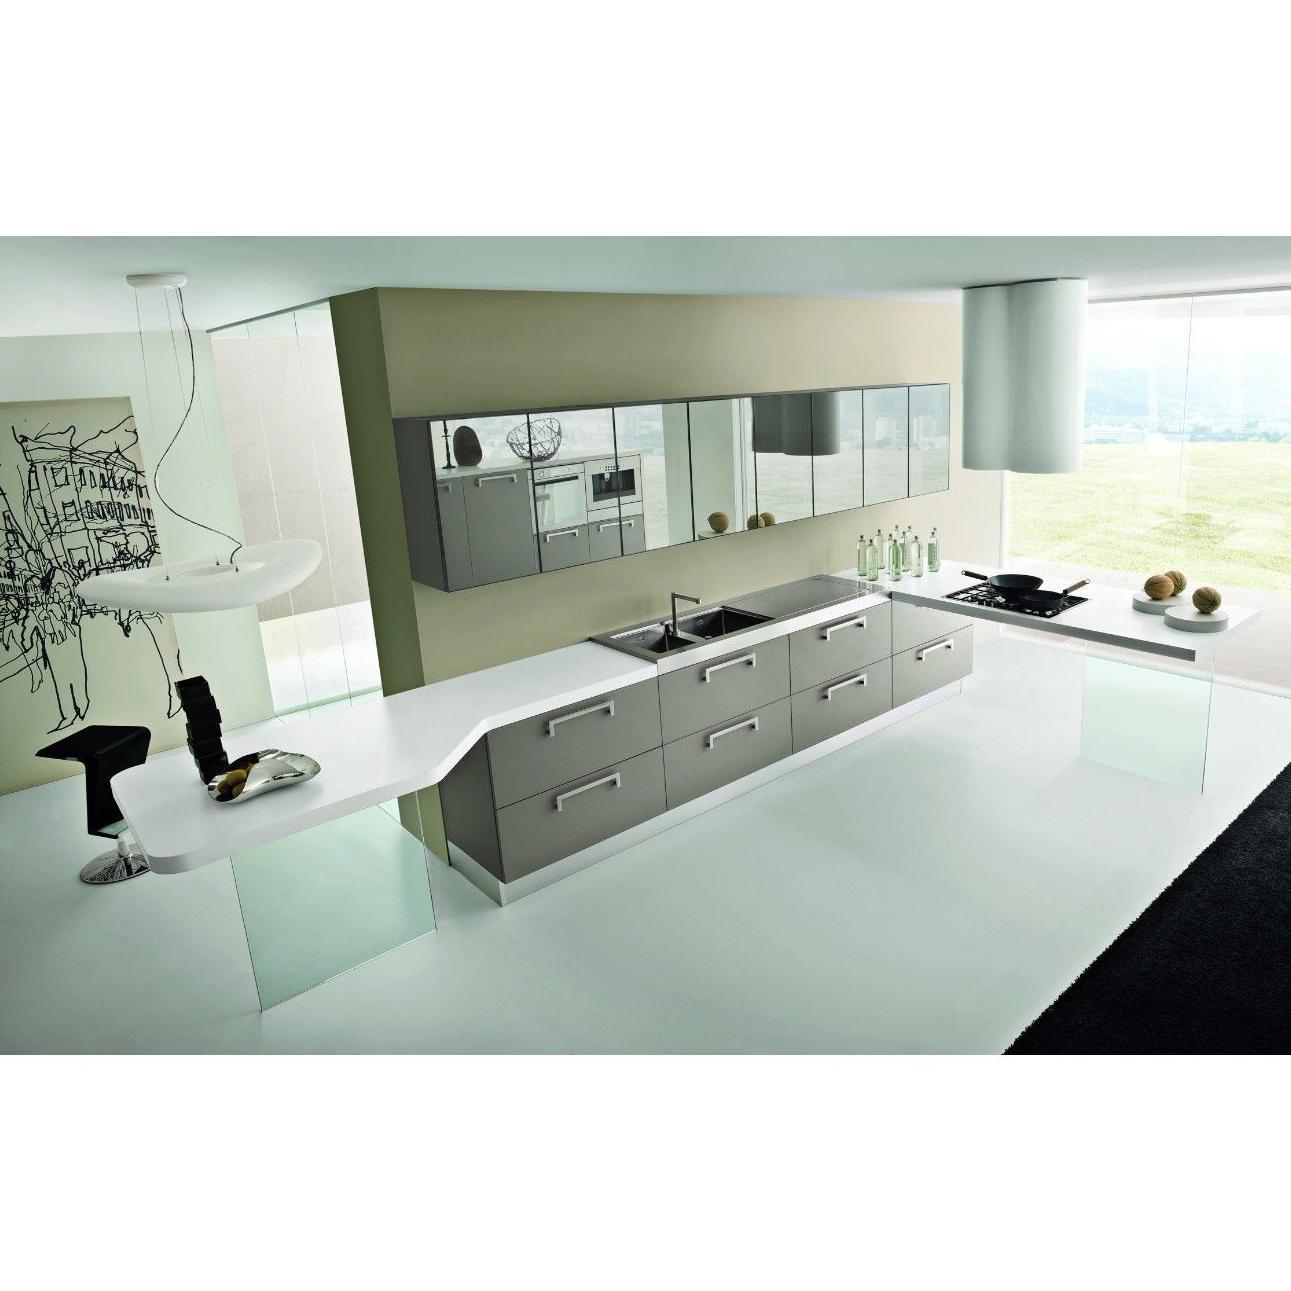 Catalogo de cocinas modernas for Catalogo de muebles de cocina pdf